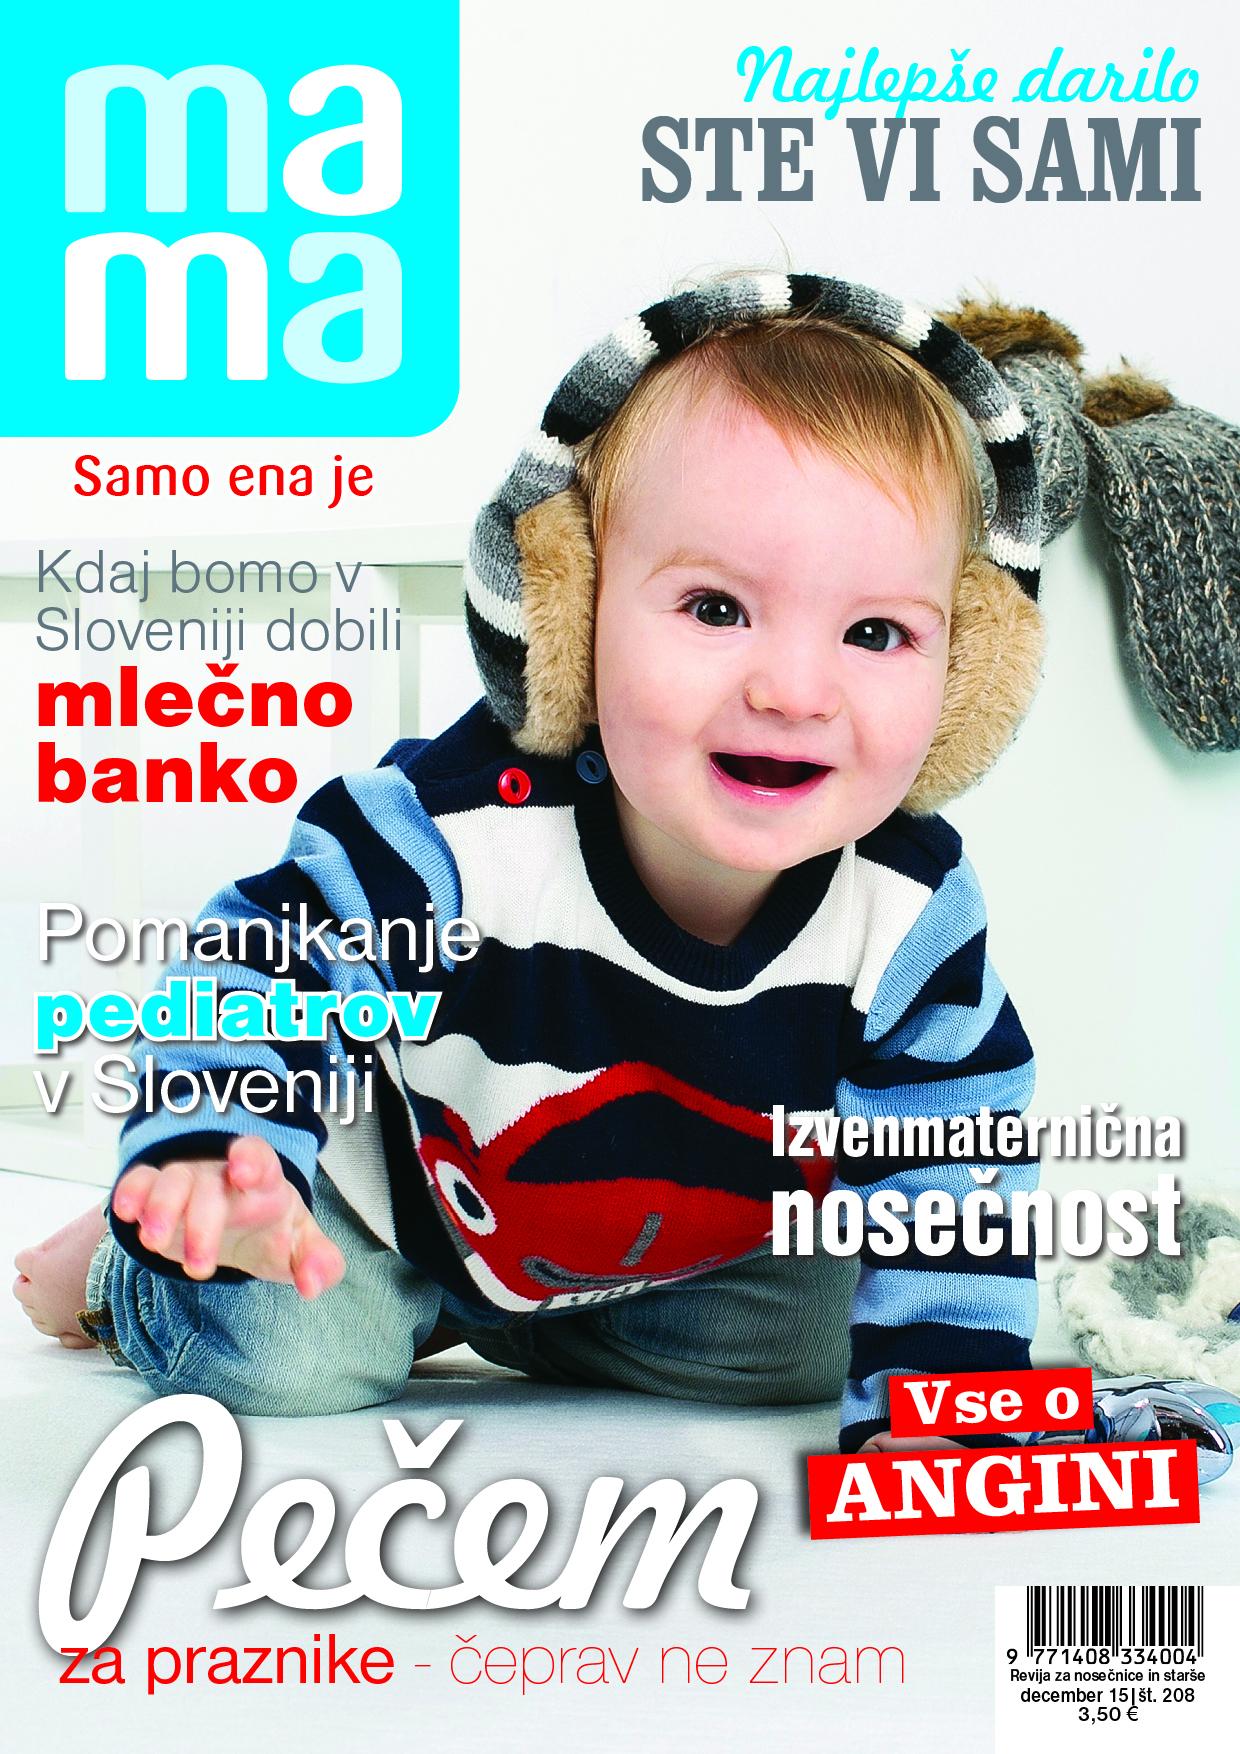 naslovnica-december-1